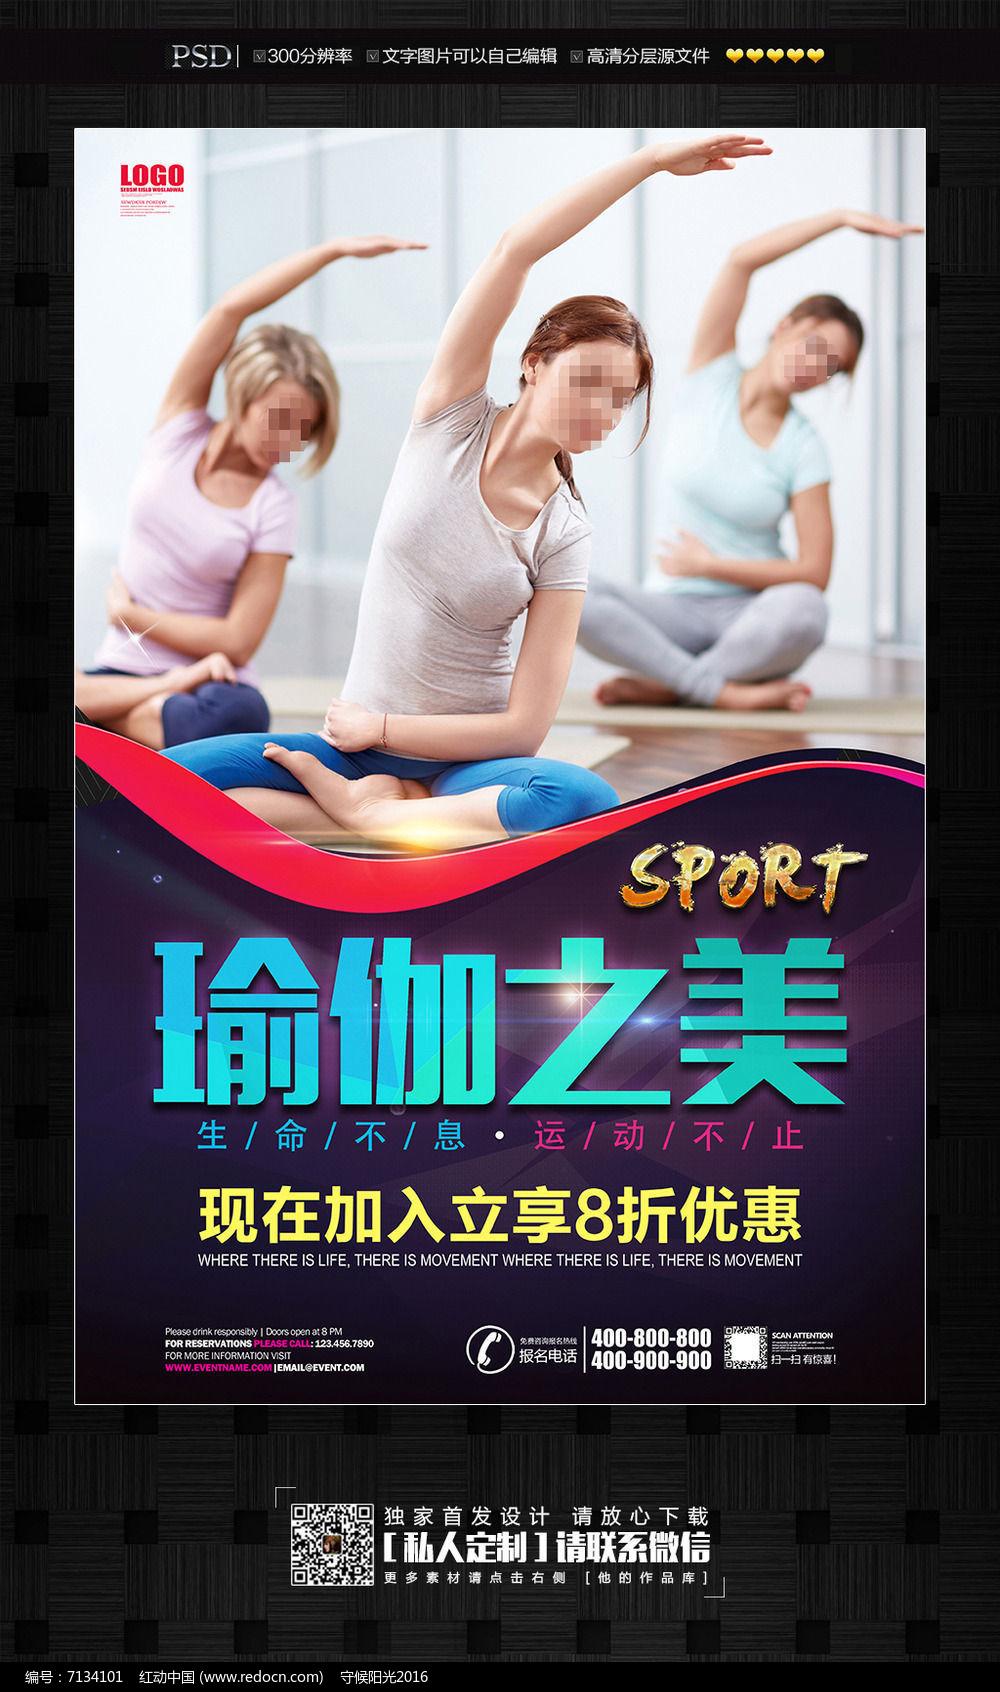 健身运动瑜伽之美健身馆海报图片